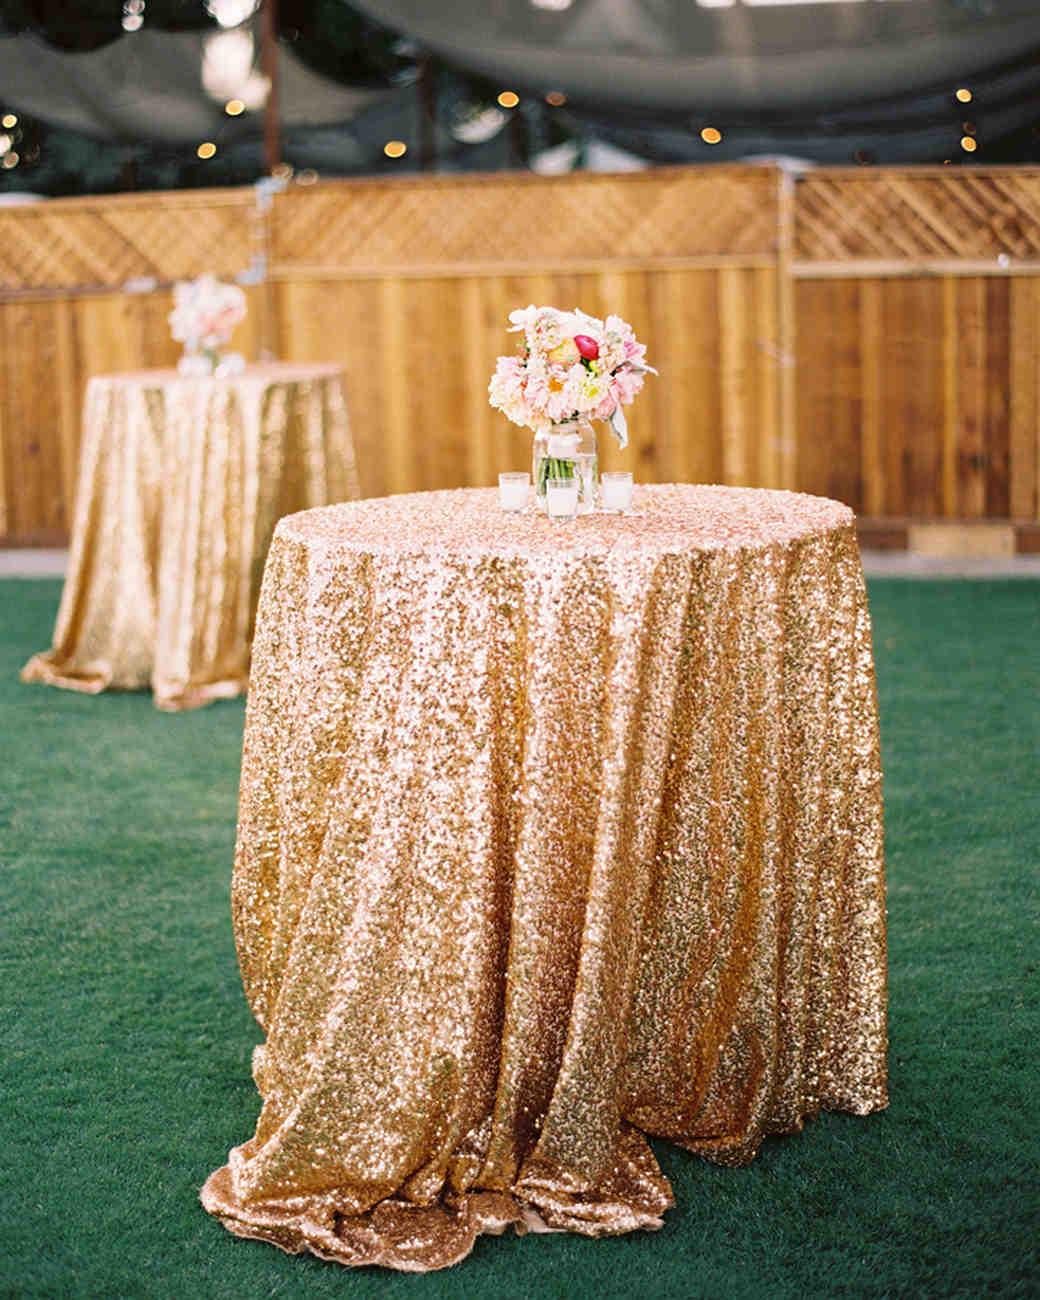 4-jacin-fitzgerald-gold-sequin-tablecloth-0116.jpg